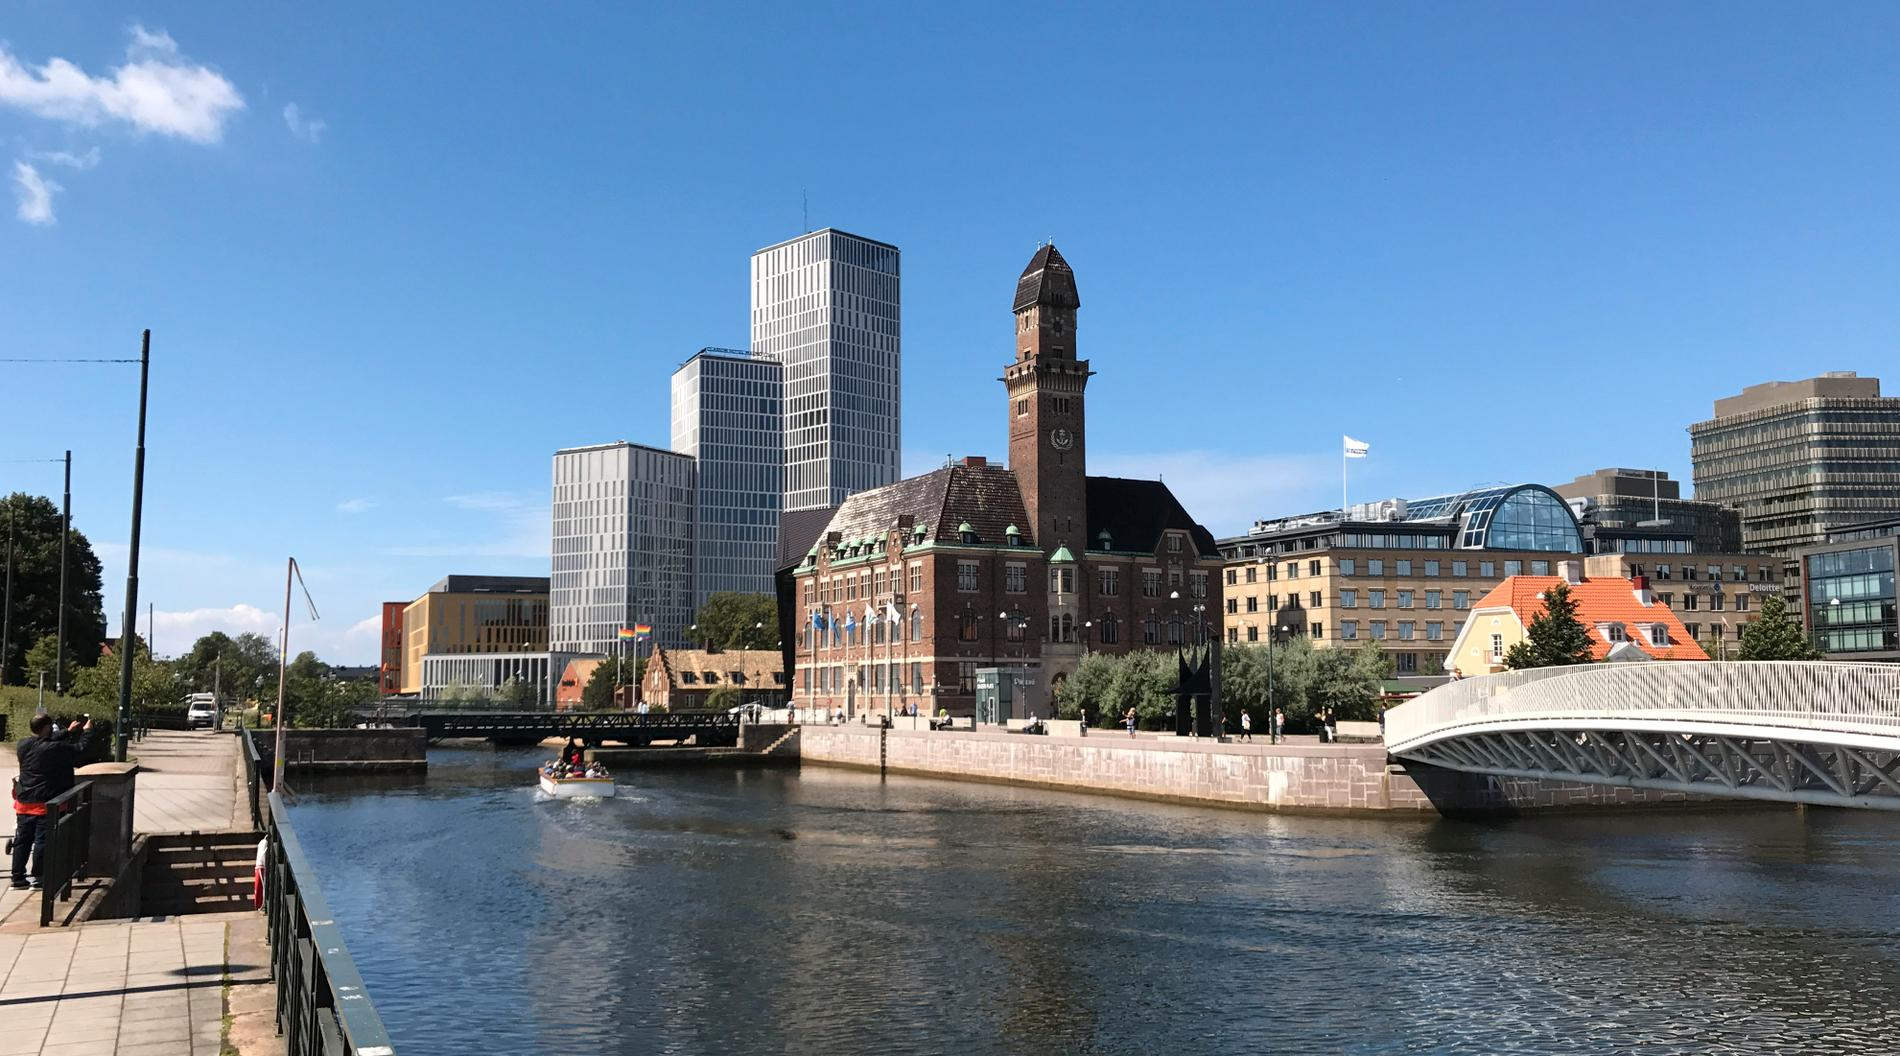 Kanalen i Malmö. Arkivbild.